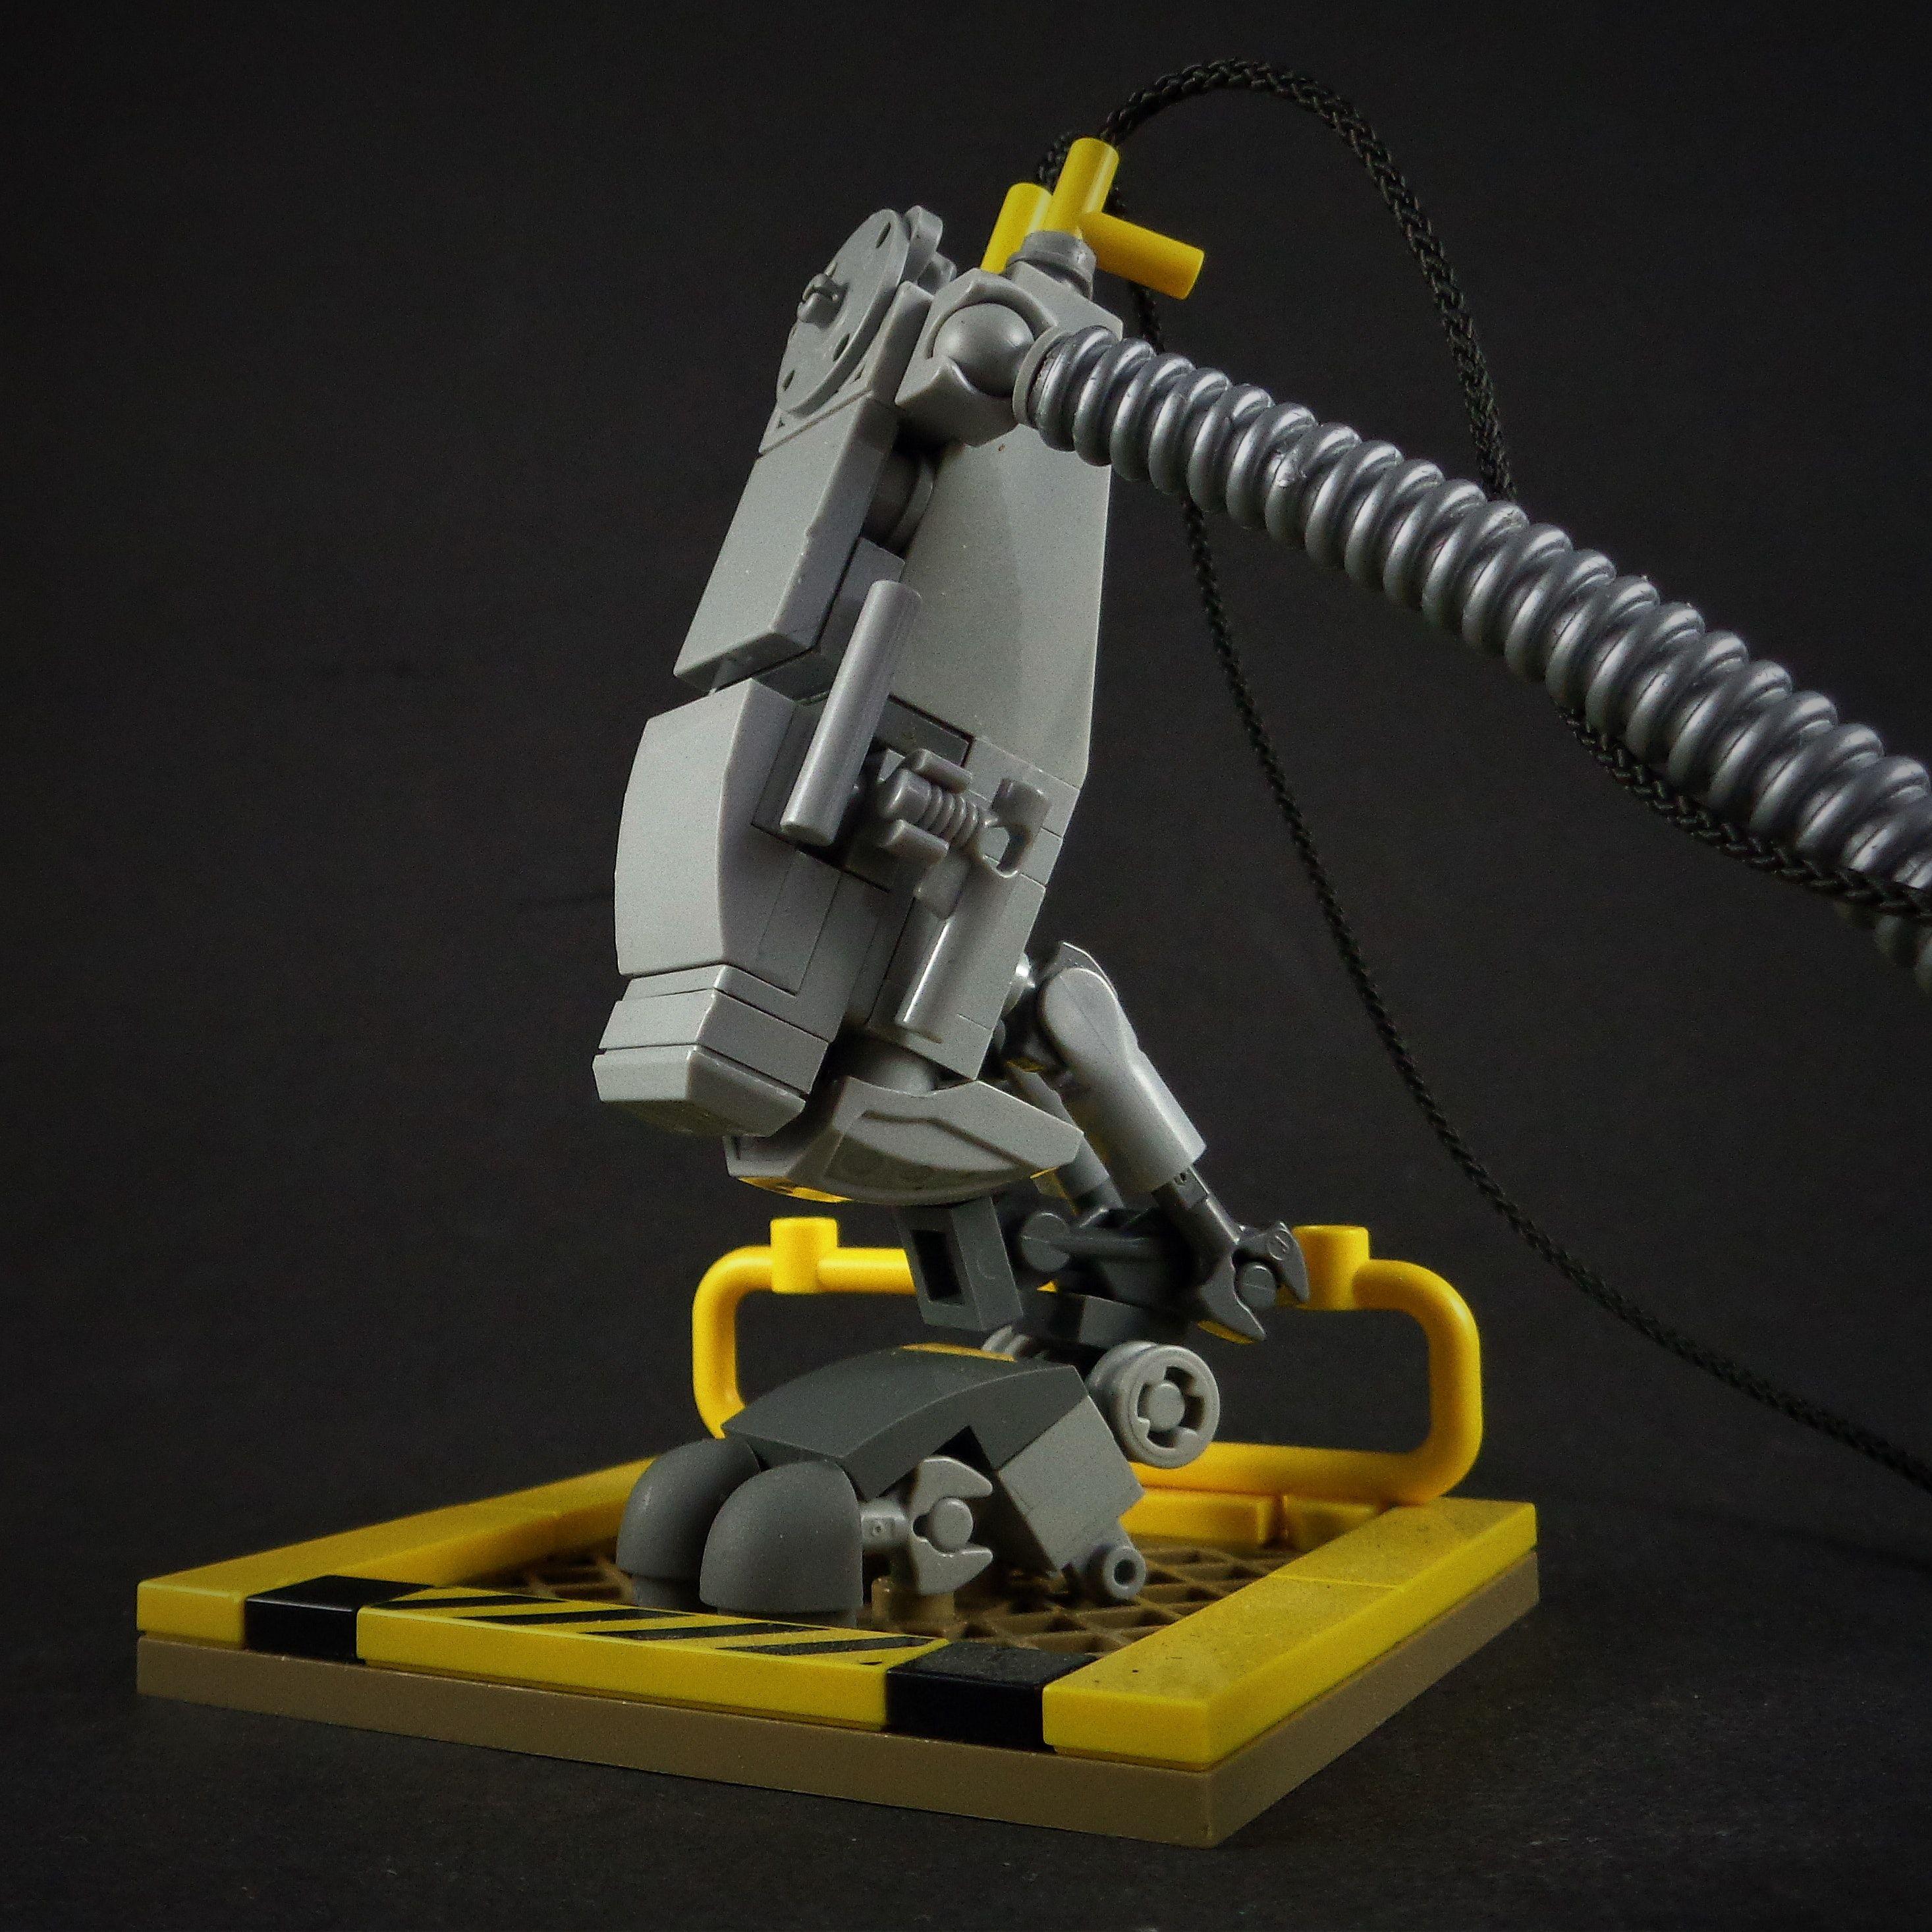 Pin de Nate Lake en LEGO | Pinterest | Creaciones de lego y Legos